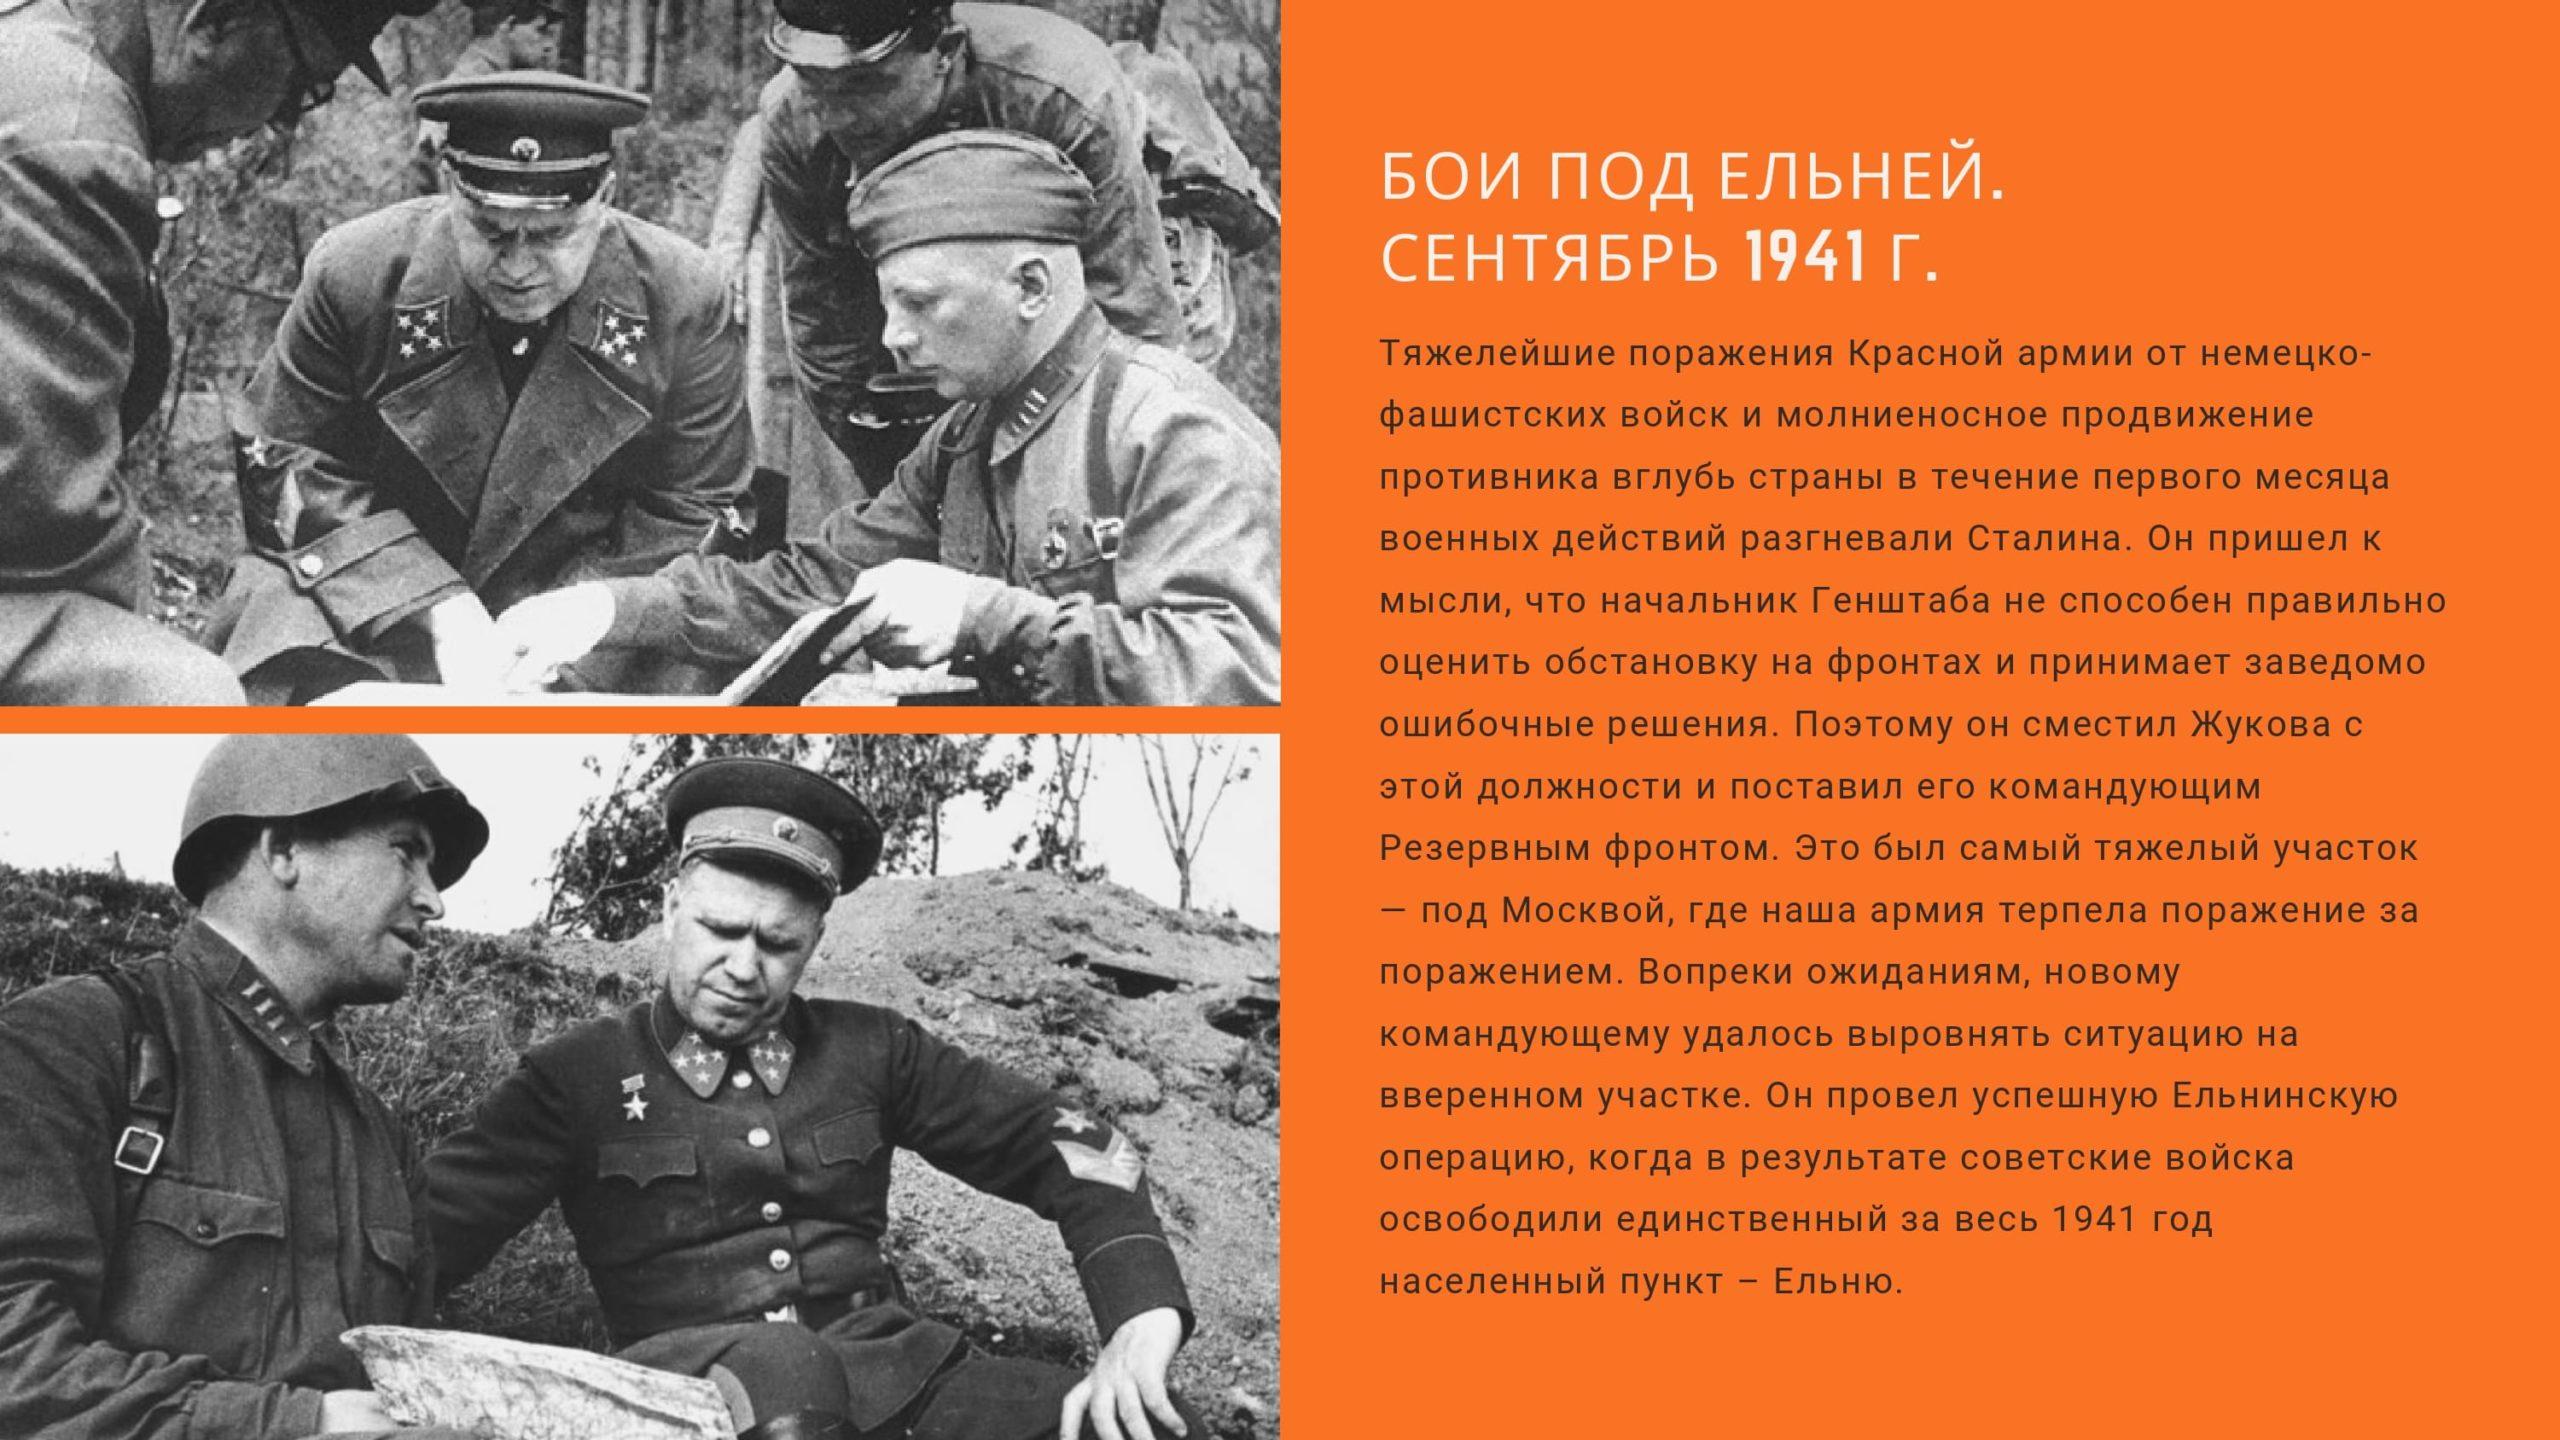 Бои под Ельней. Сентябрь 1941